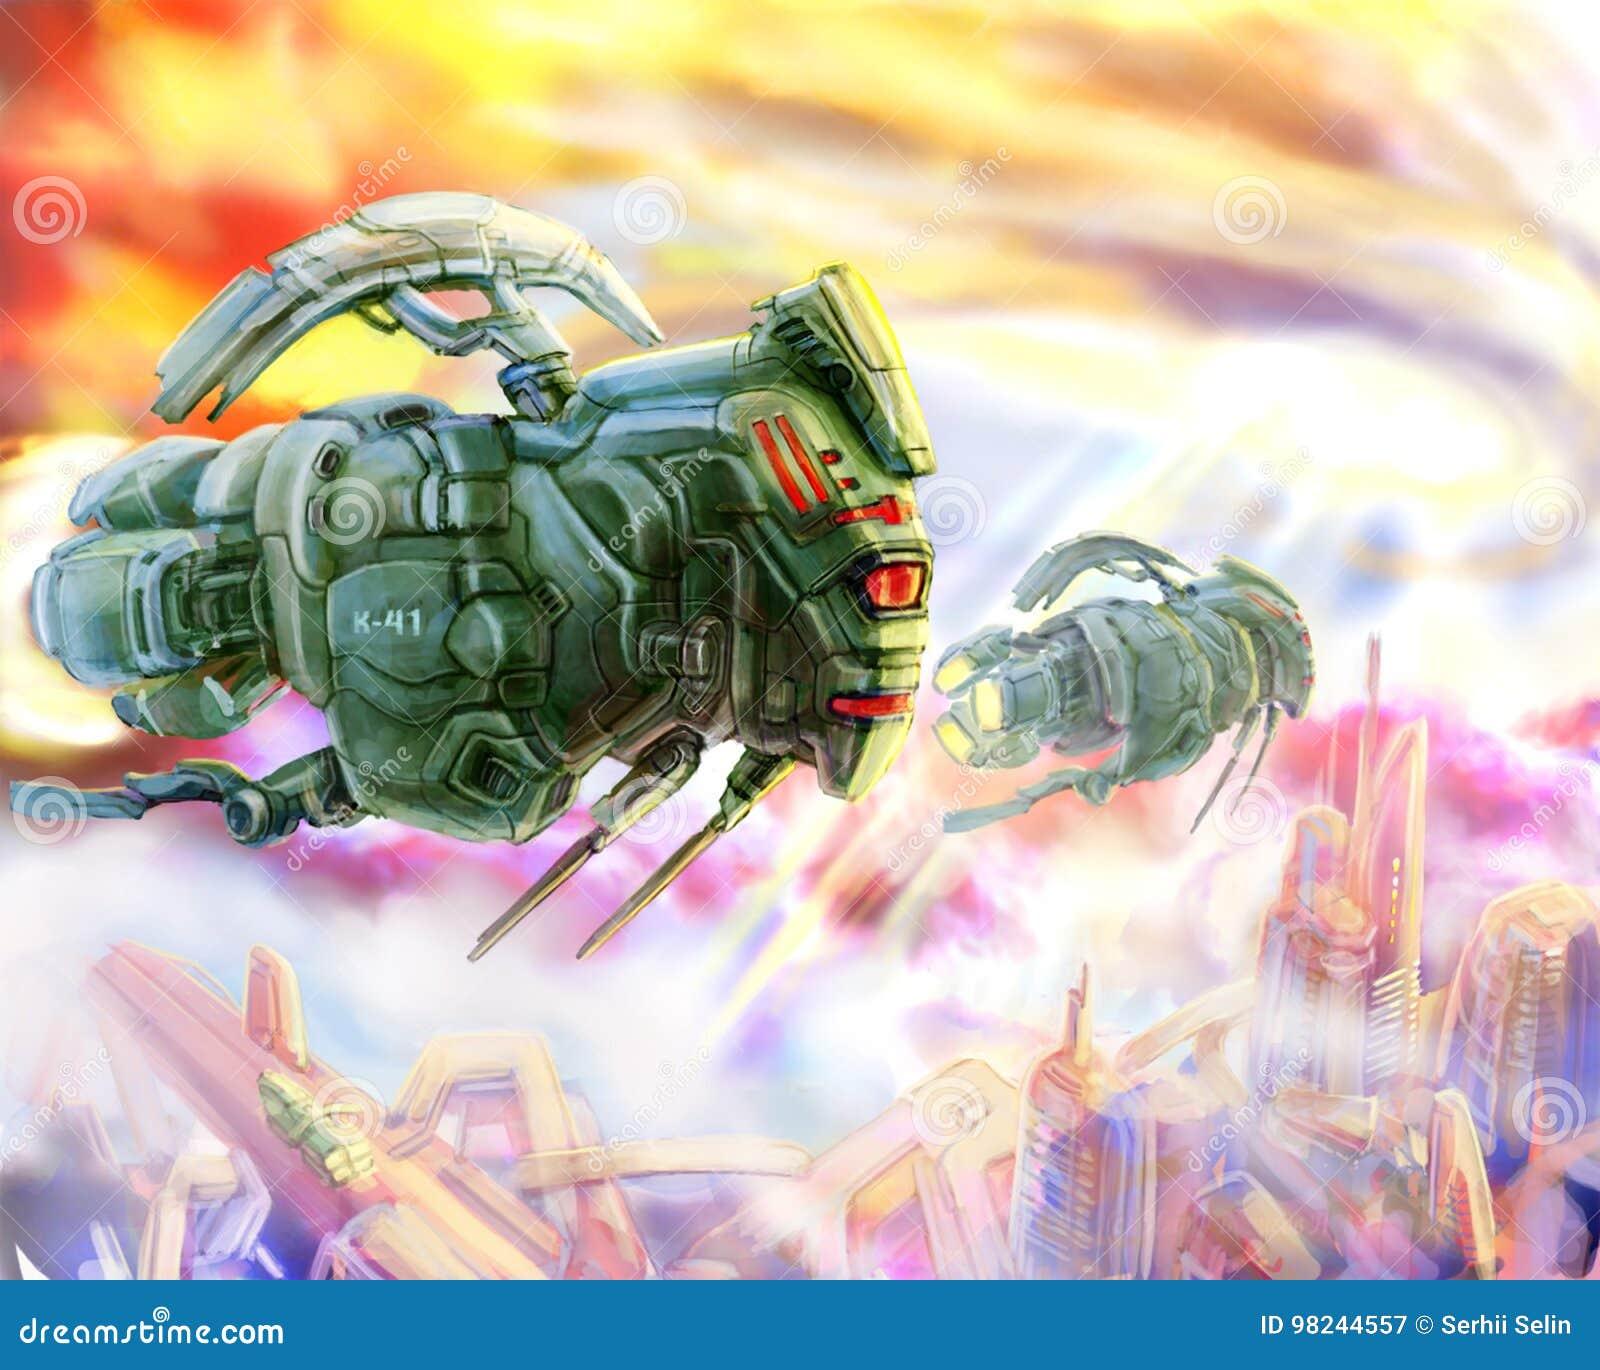 Διαστημόπλοια αλλοδαπών όπως μια απεικόνιση επιστημονικής φαντασίας ακρίδων